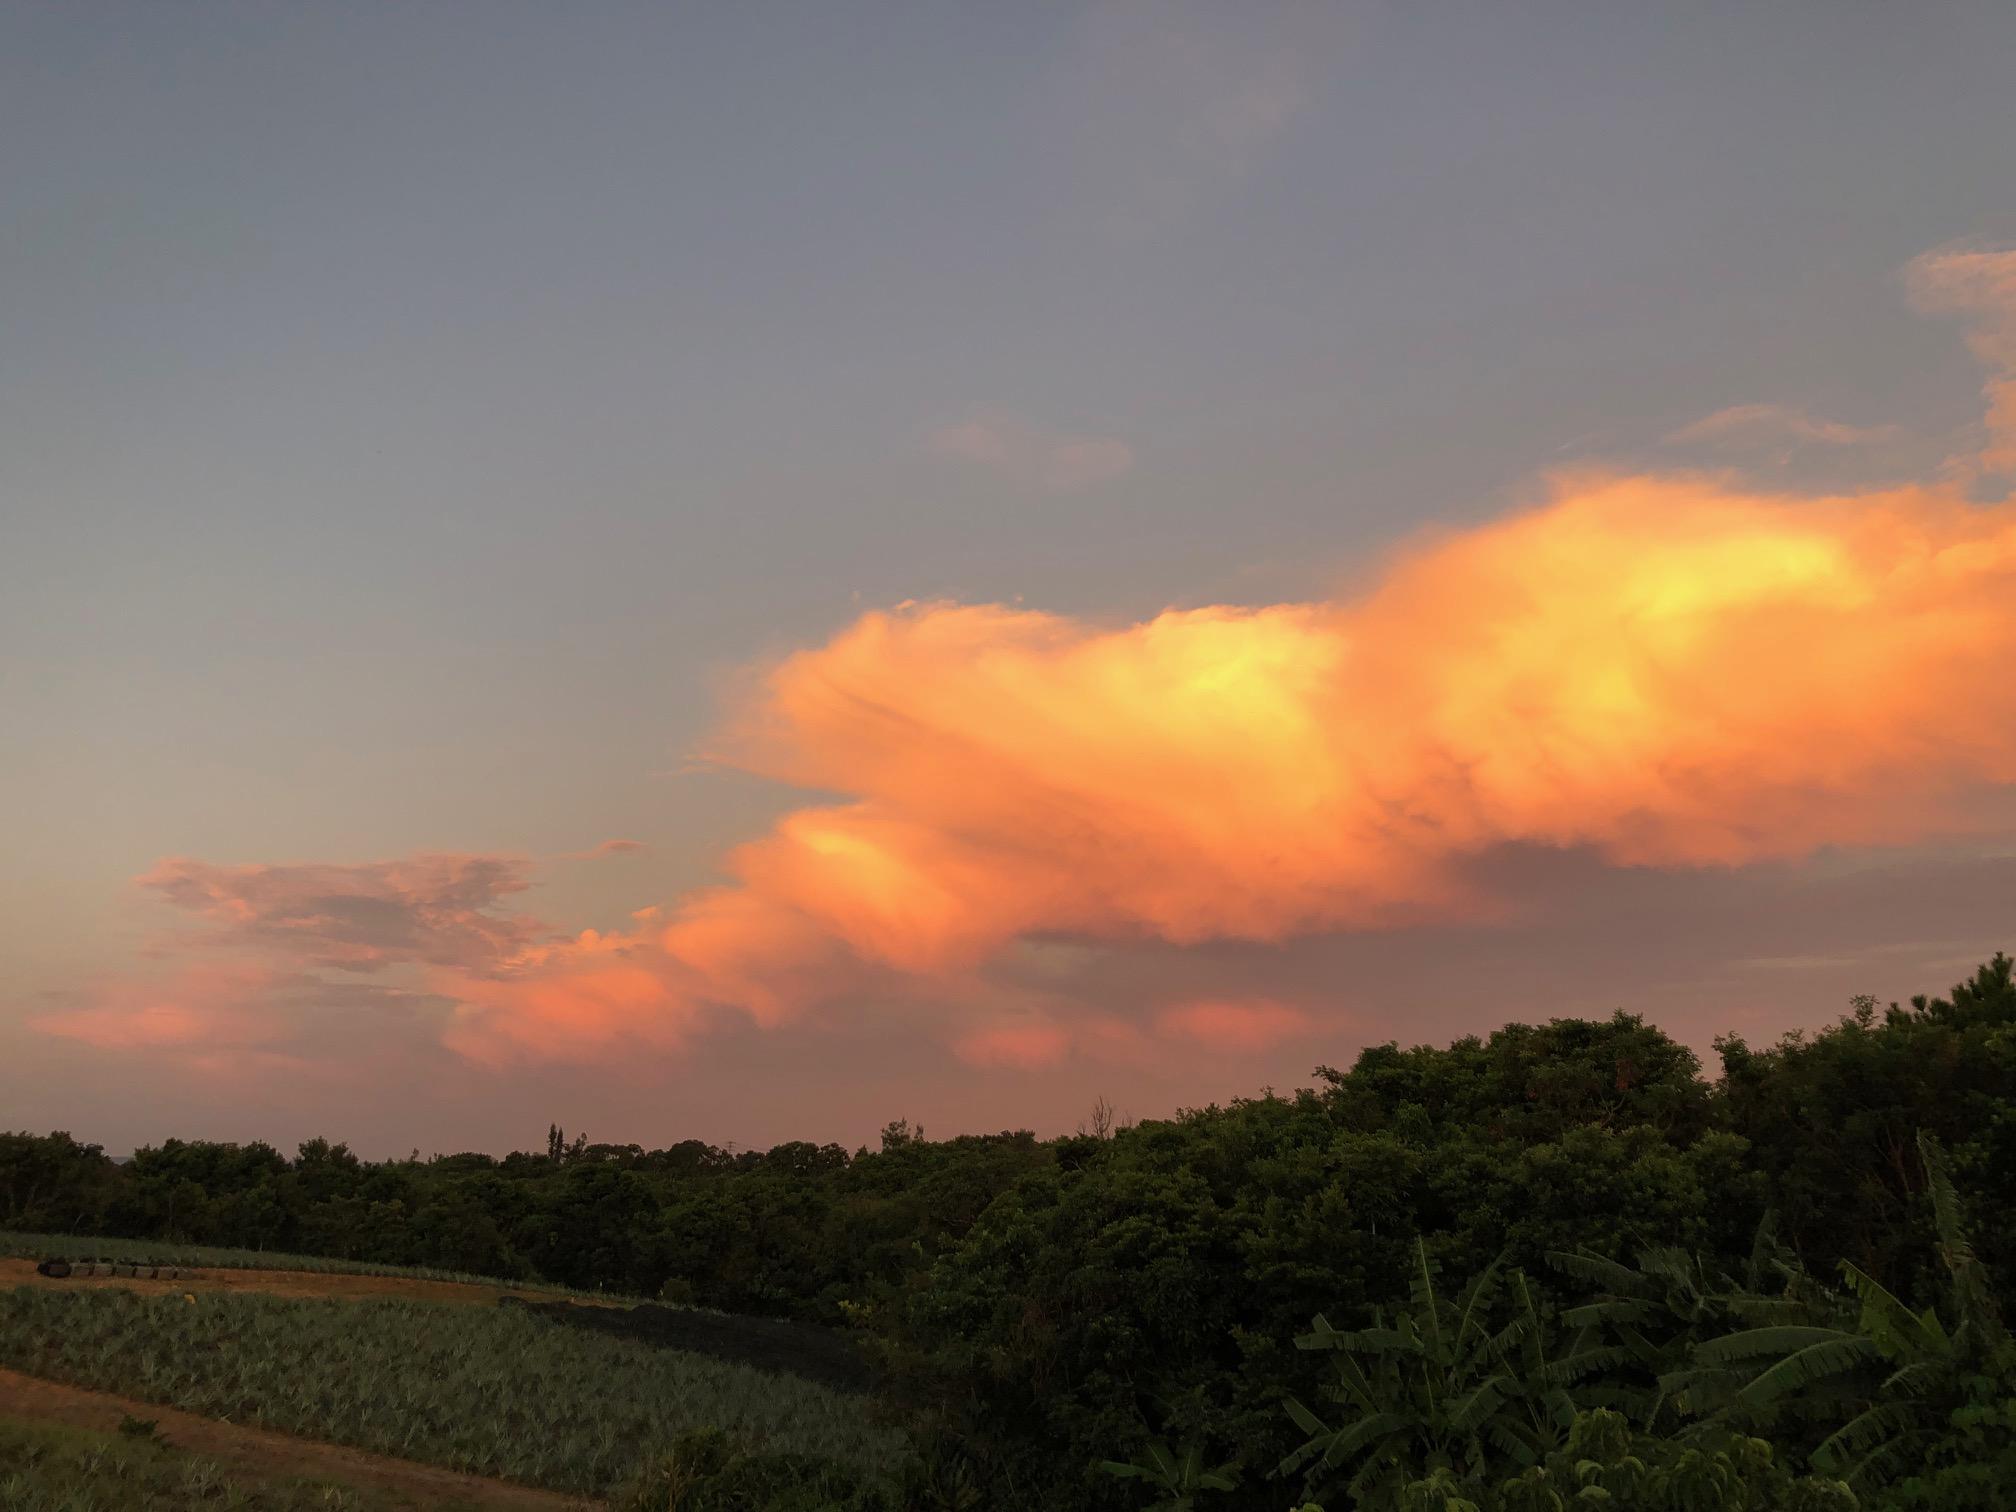 龍の夕焼け雲